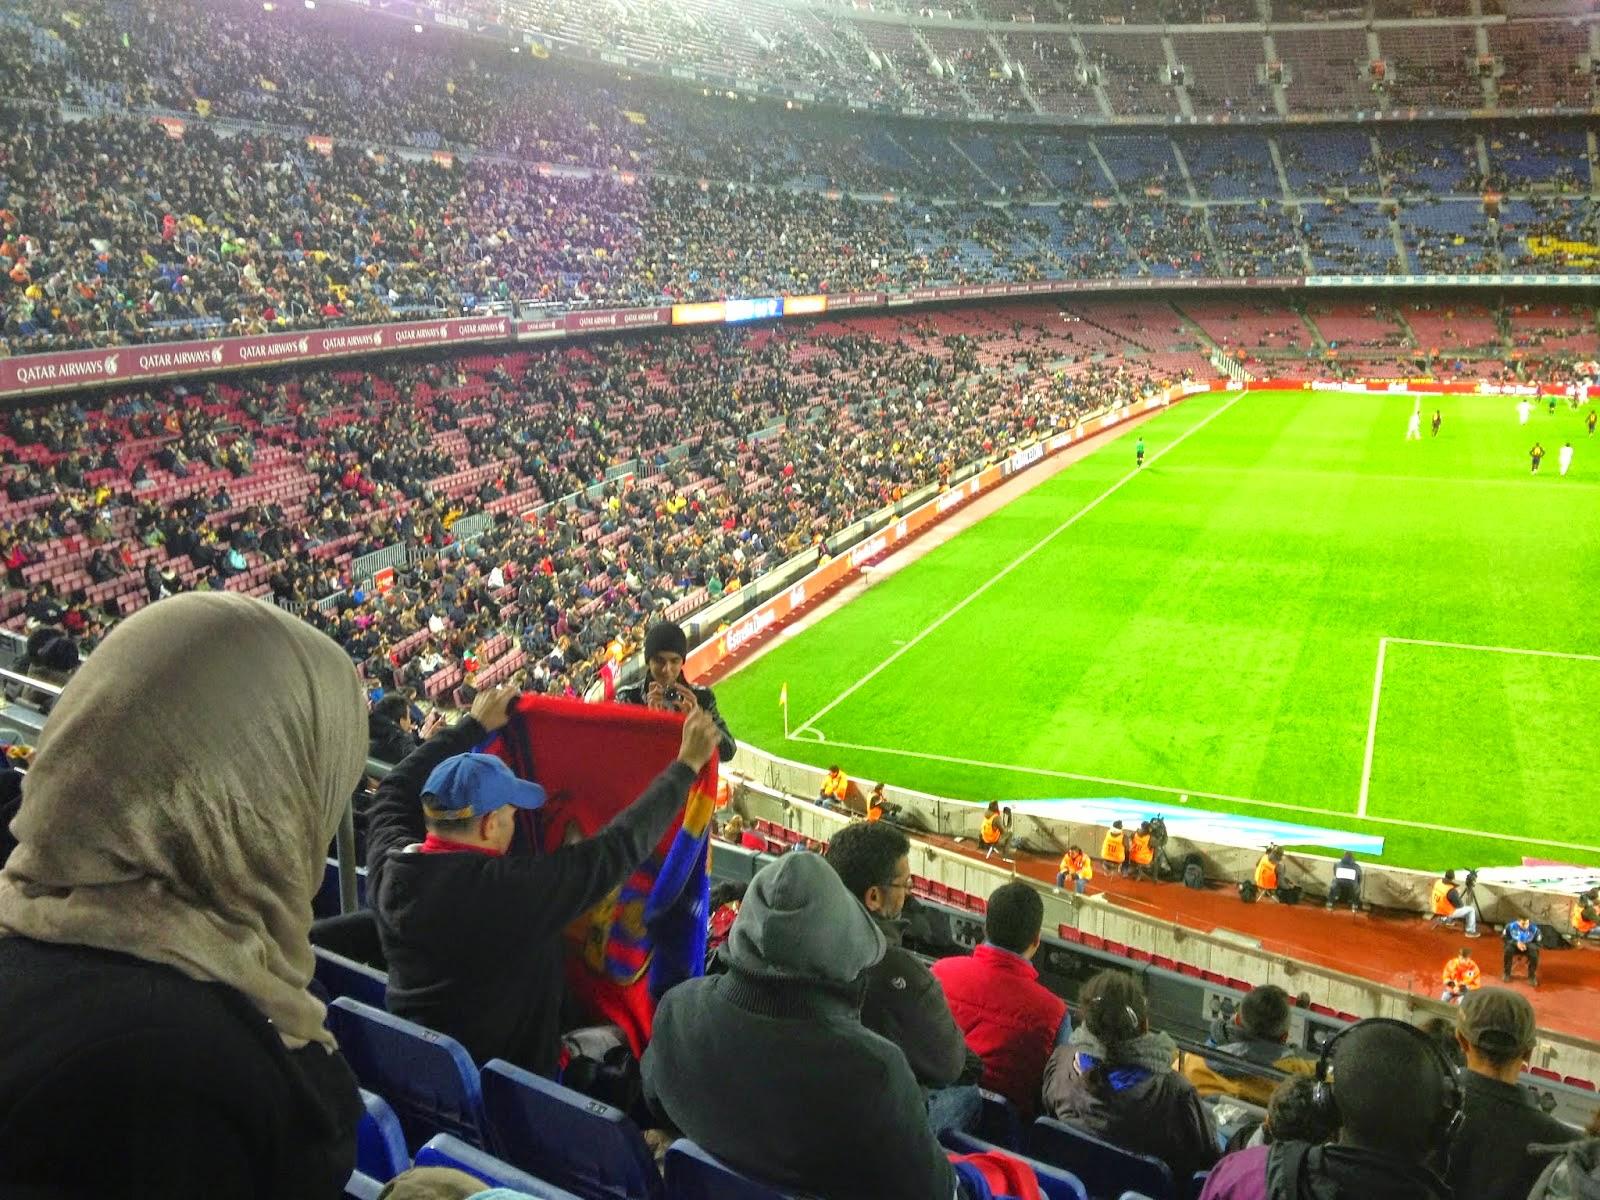 la Comunidad Islámica Al Ijlas de Terrassa organiza una salida nocturna en el Camp Nou